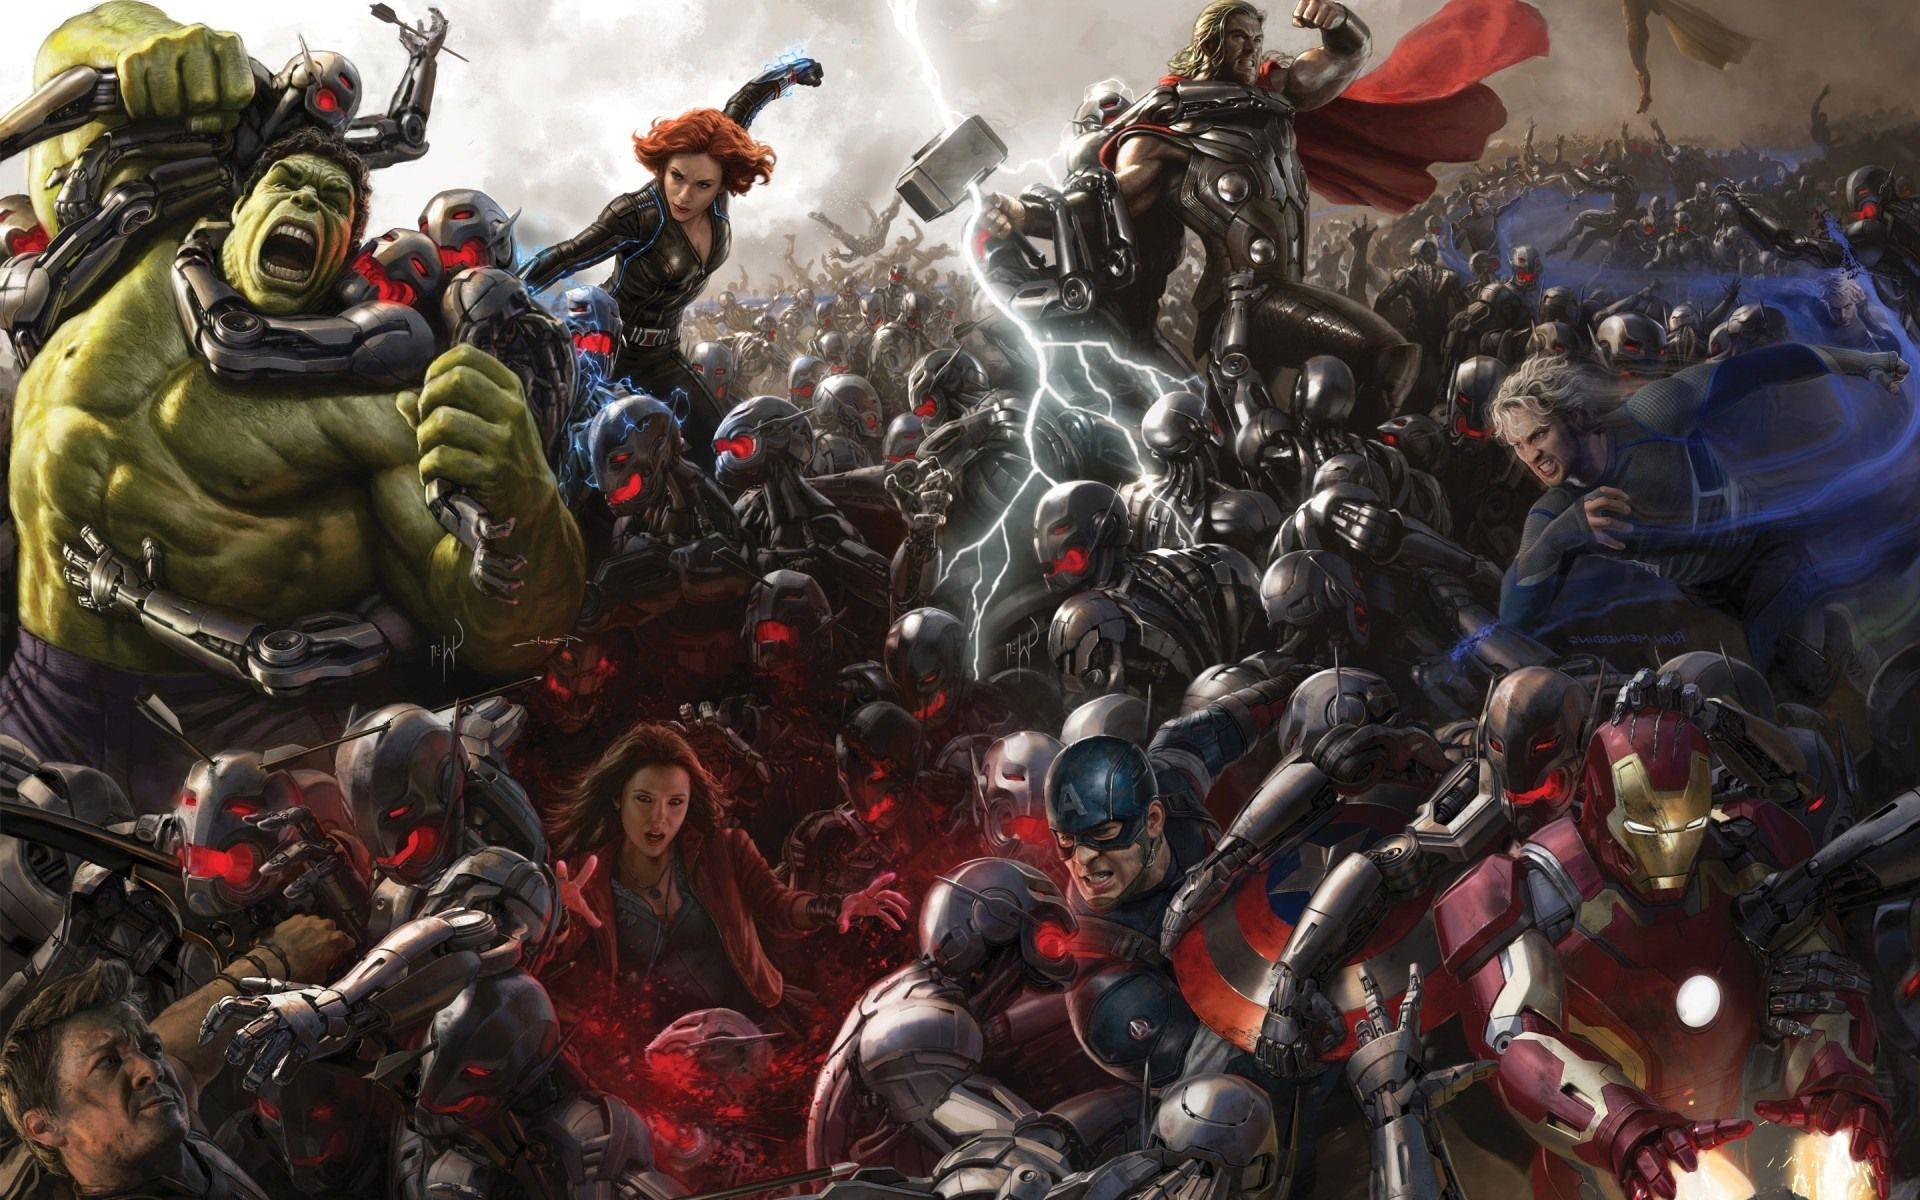 Os Vingadores enfrentam um podereoso inimigo (Foto: Divulgação)